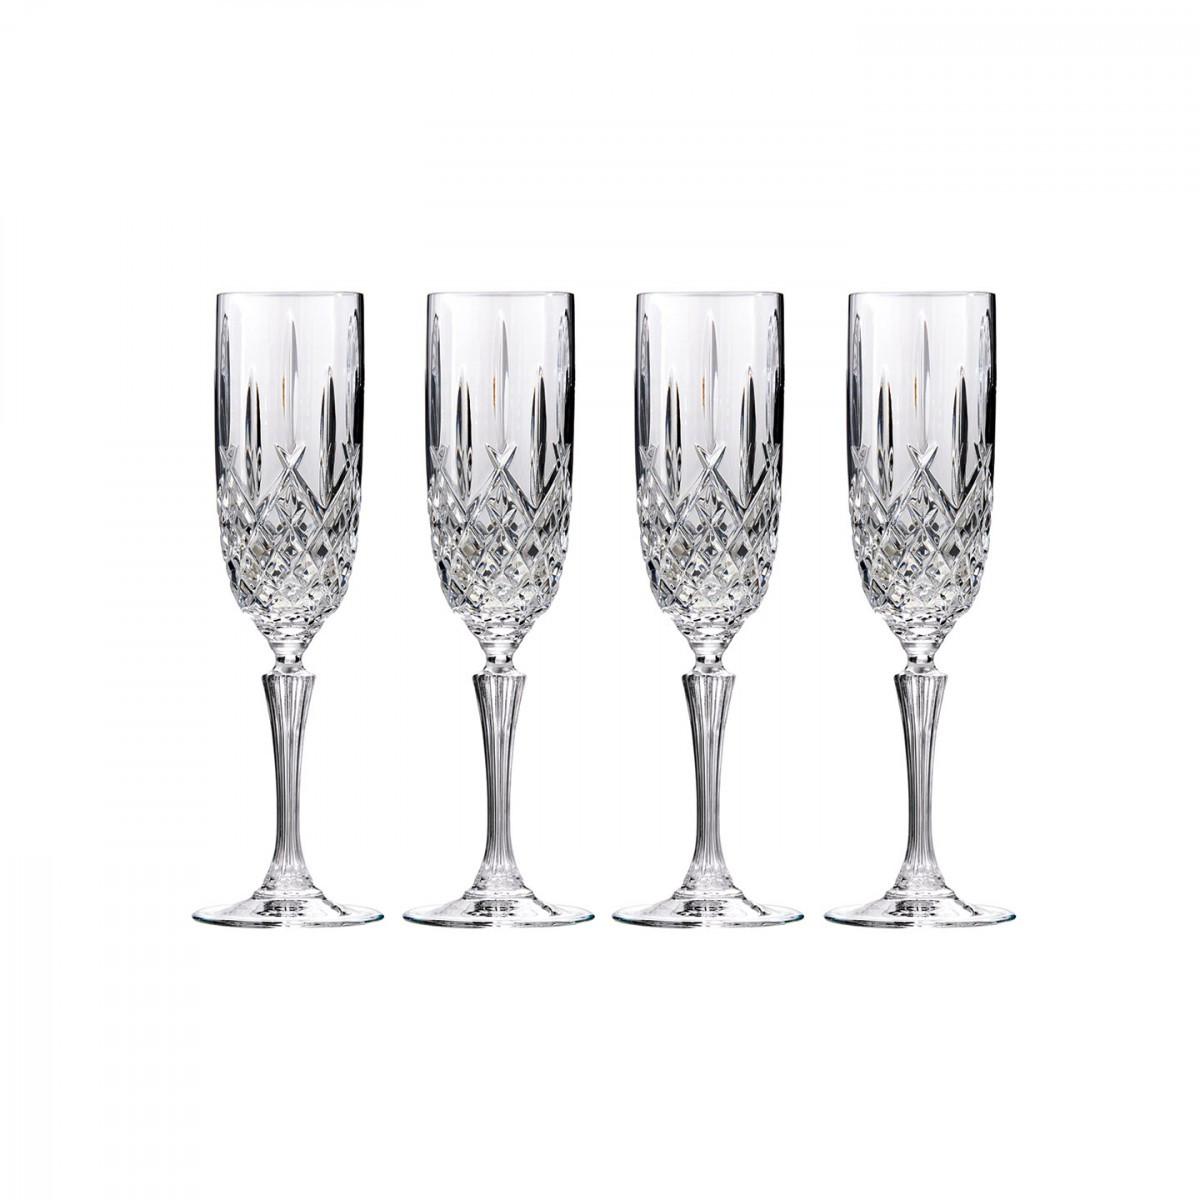 waterford markham vase of markham flute set of 4 marquis by waterford us within markham flute set of 4